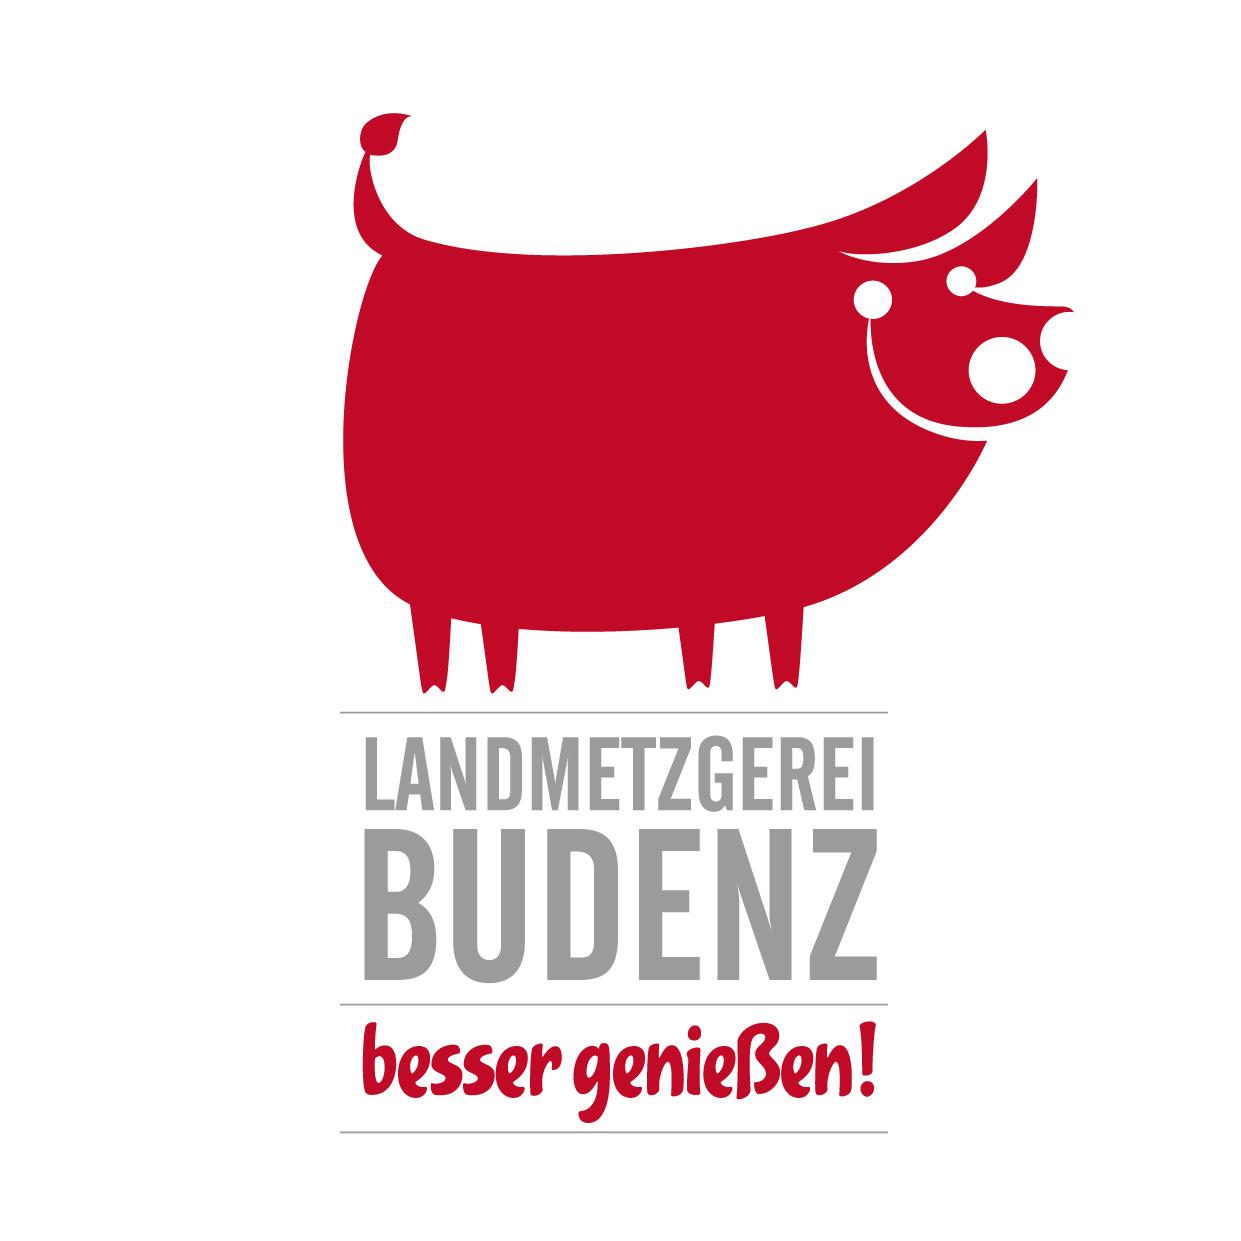 Logo_Budenz_Zeichenfläche 1.jpg